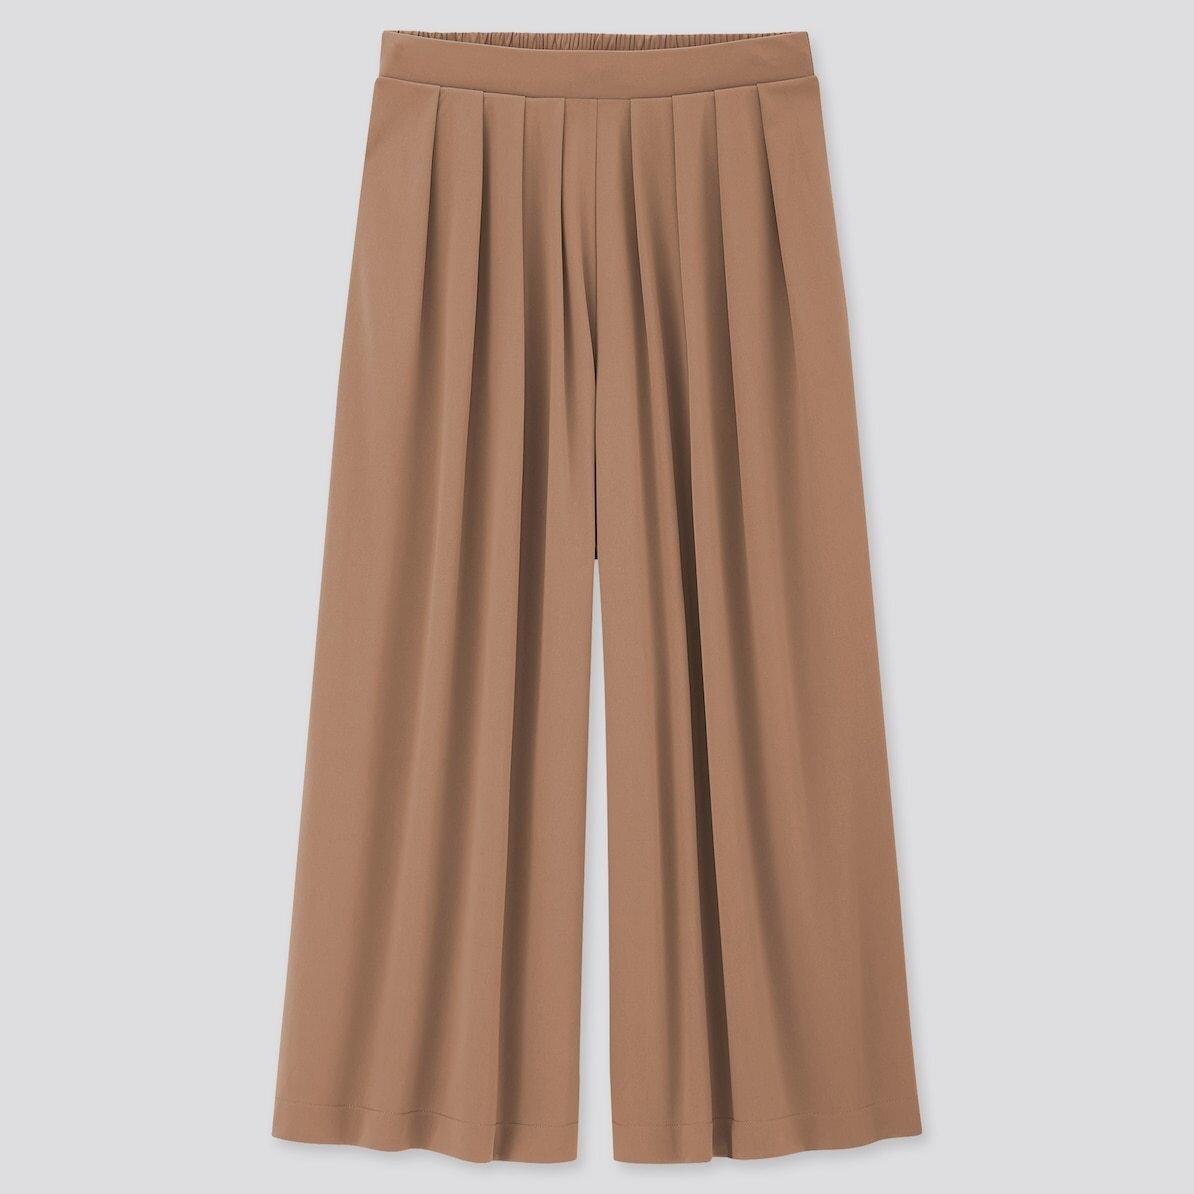 ユニクロ 秋 おすすめ アイテム 2020 初秋 晩夏 人気 おしゃれ レディース トレンド プチプラ 最新 新作 スカートパンツ パンツ クレープジャージー